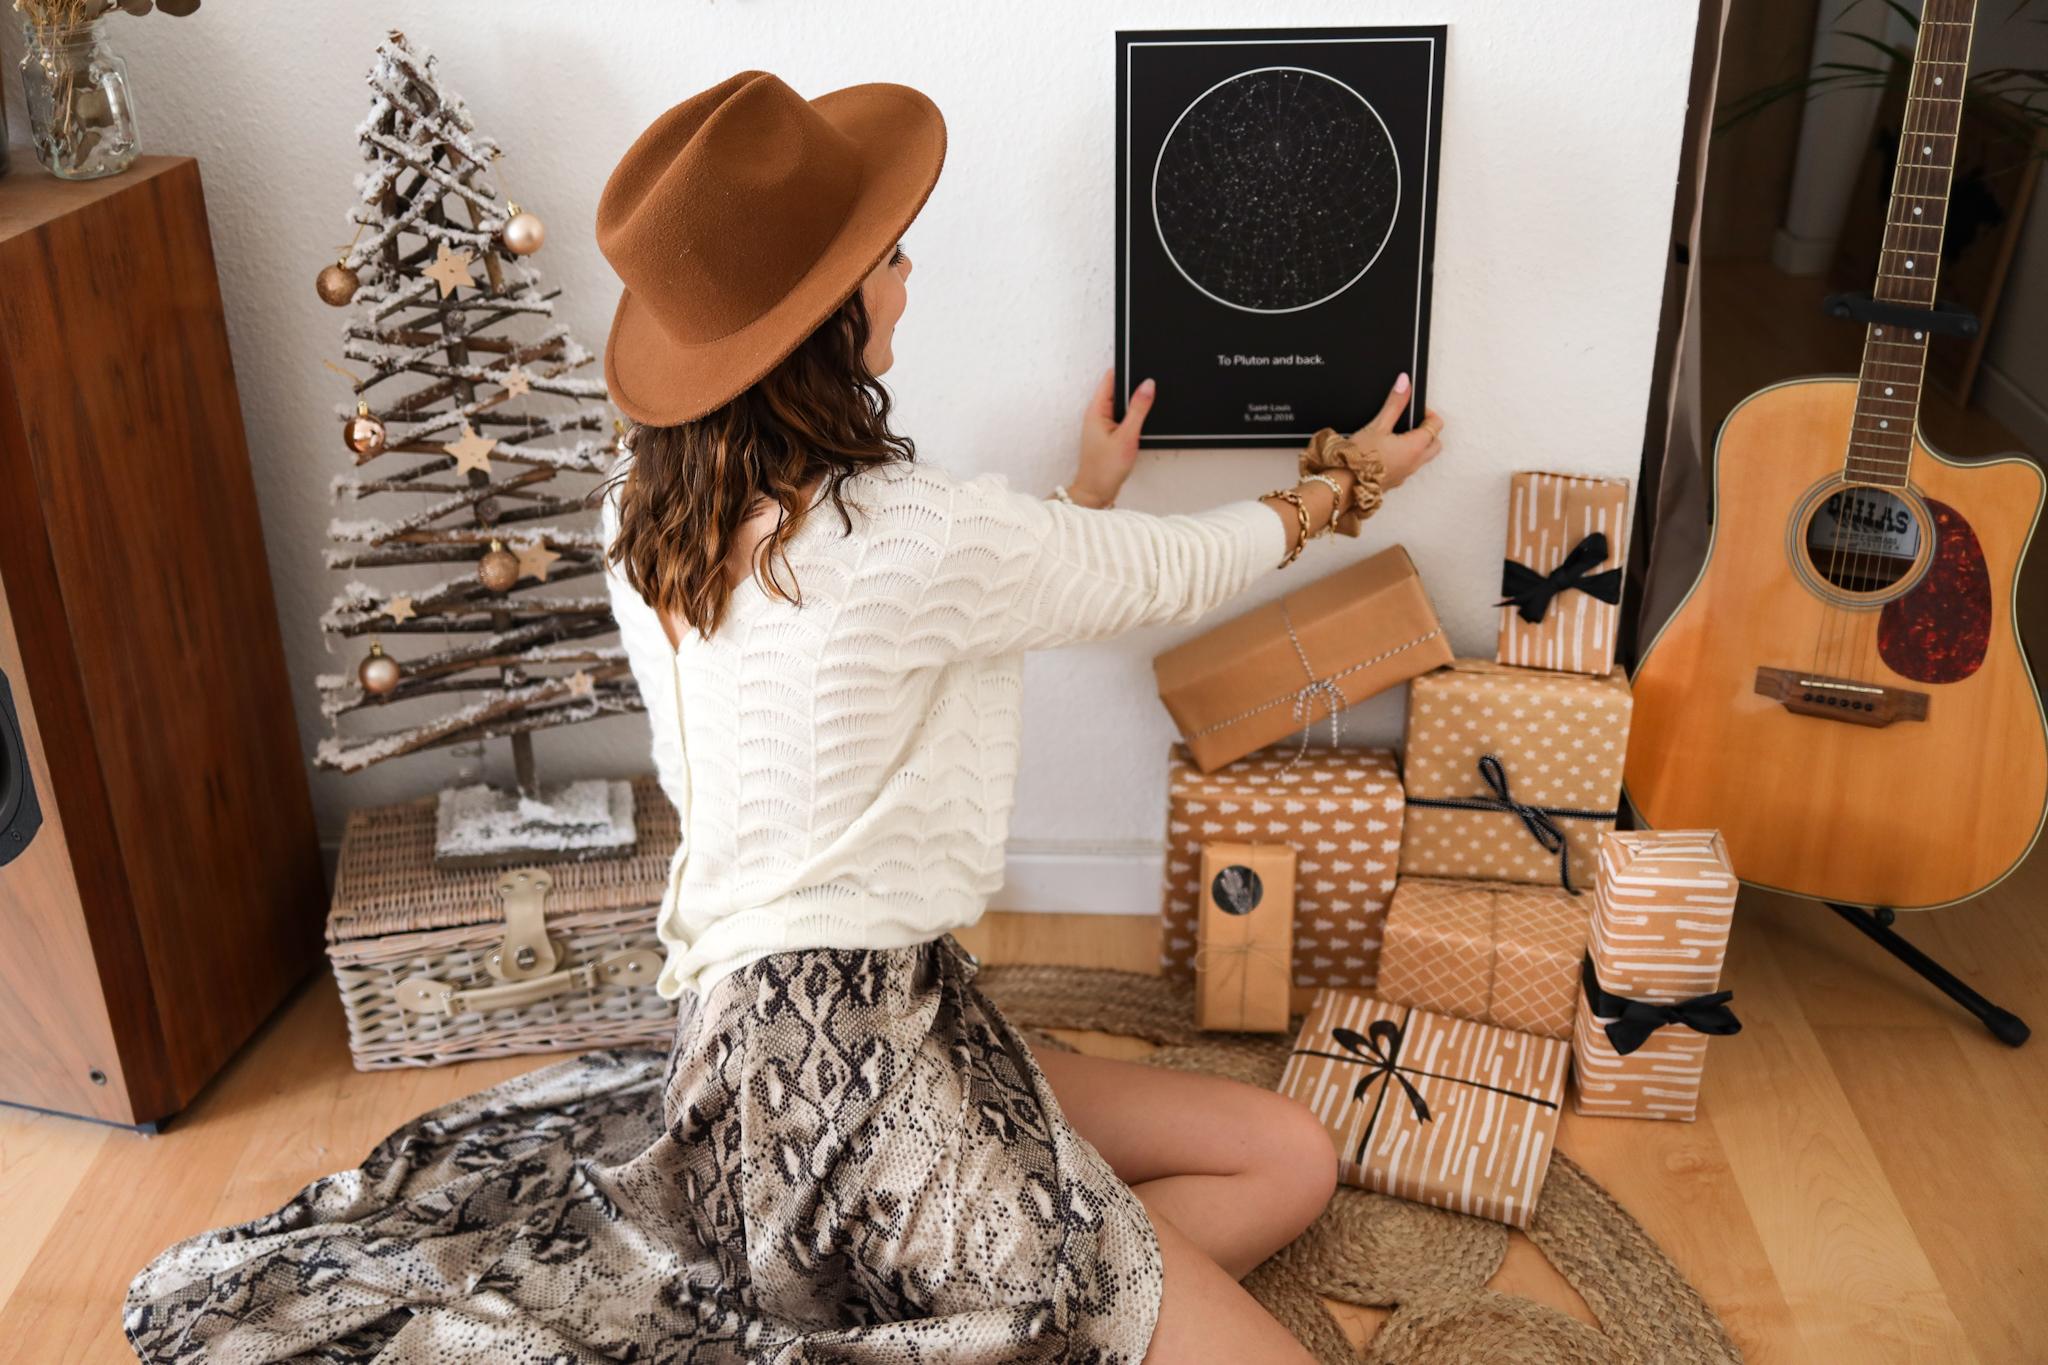 Noël : ma sélection d'idées cadeaux 100% personnalisés